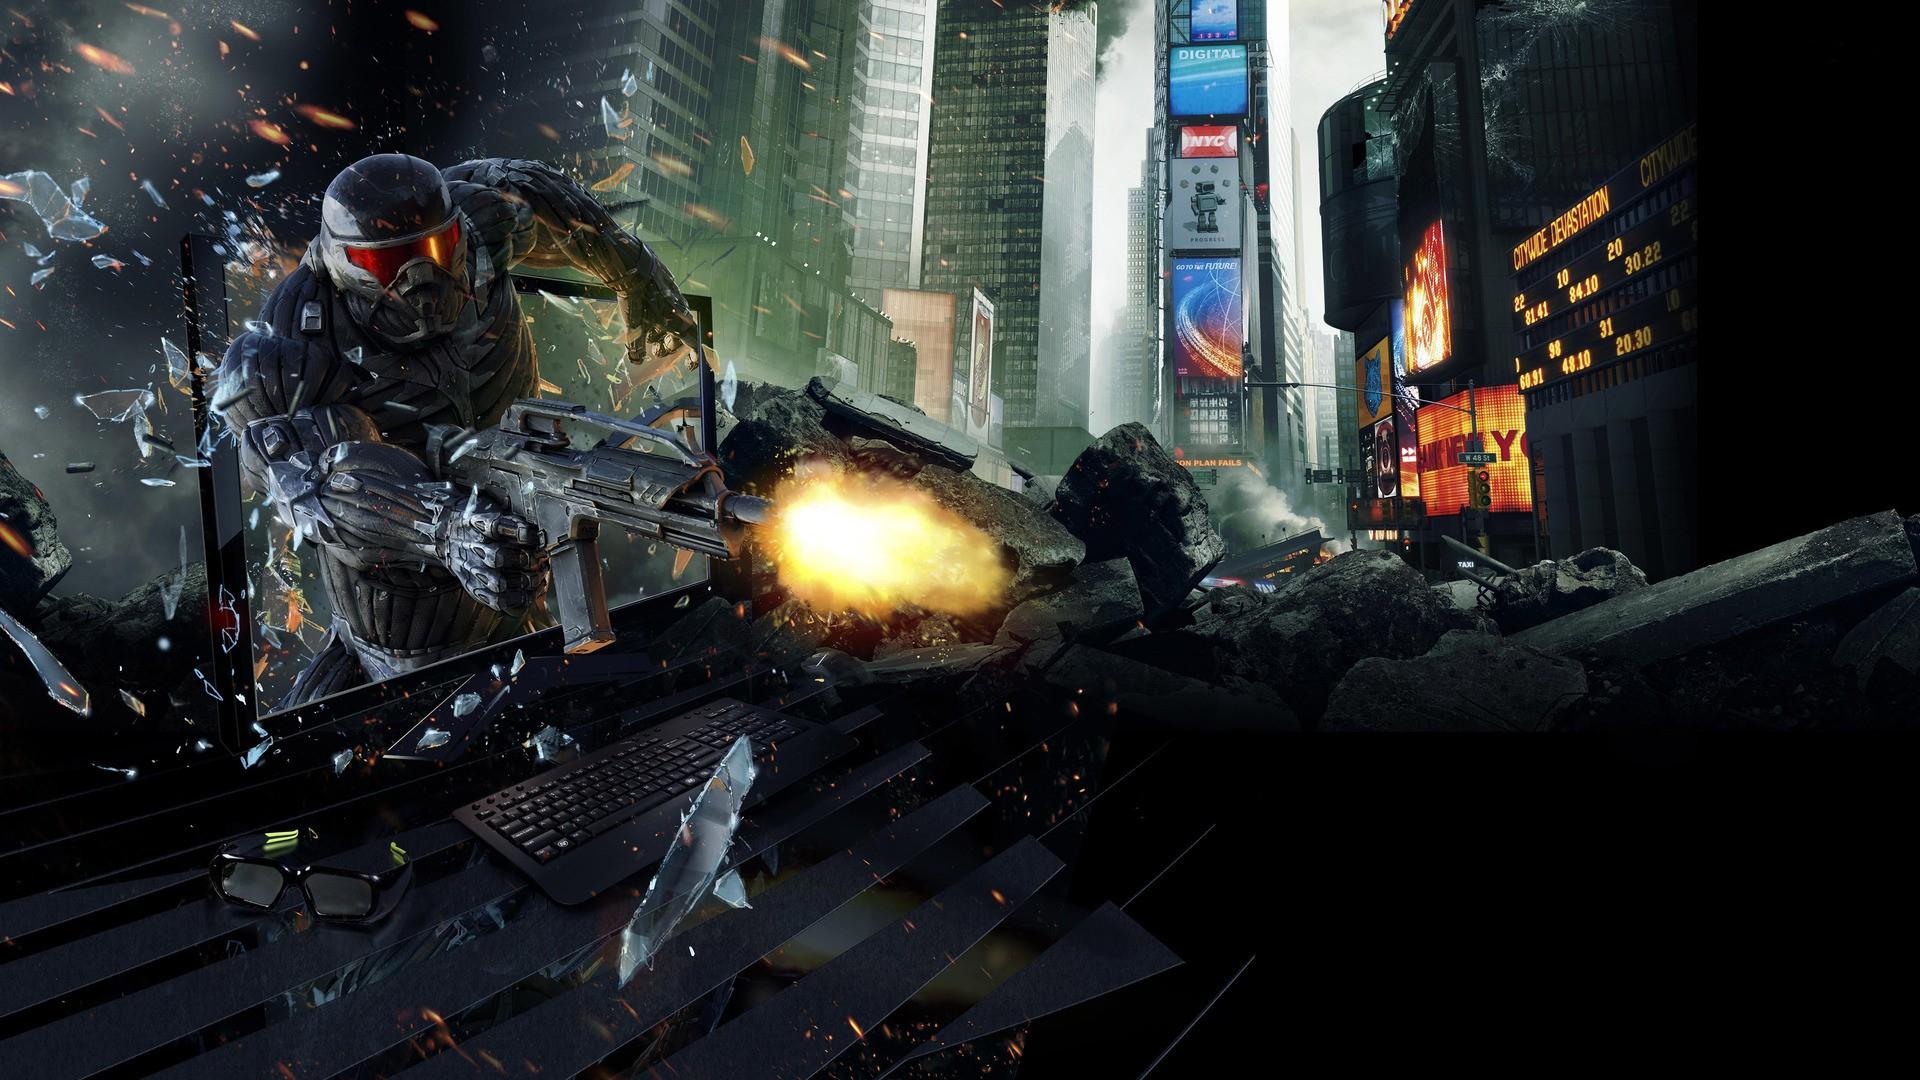 Oboi Video Igry Crysis 2 Temnota Skrinshot Oboi Dlya Rabochego